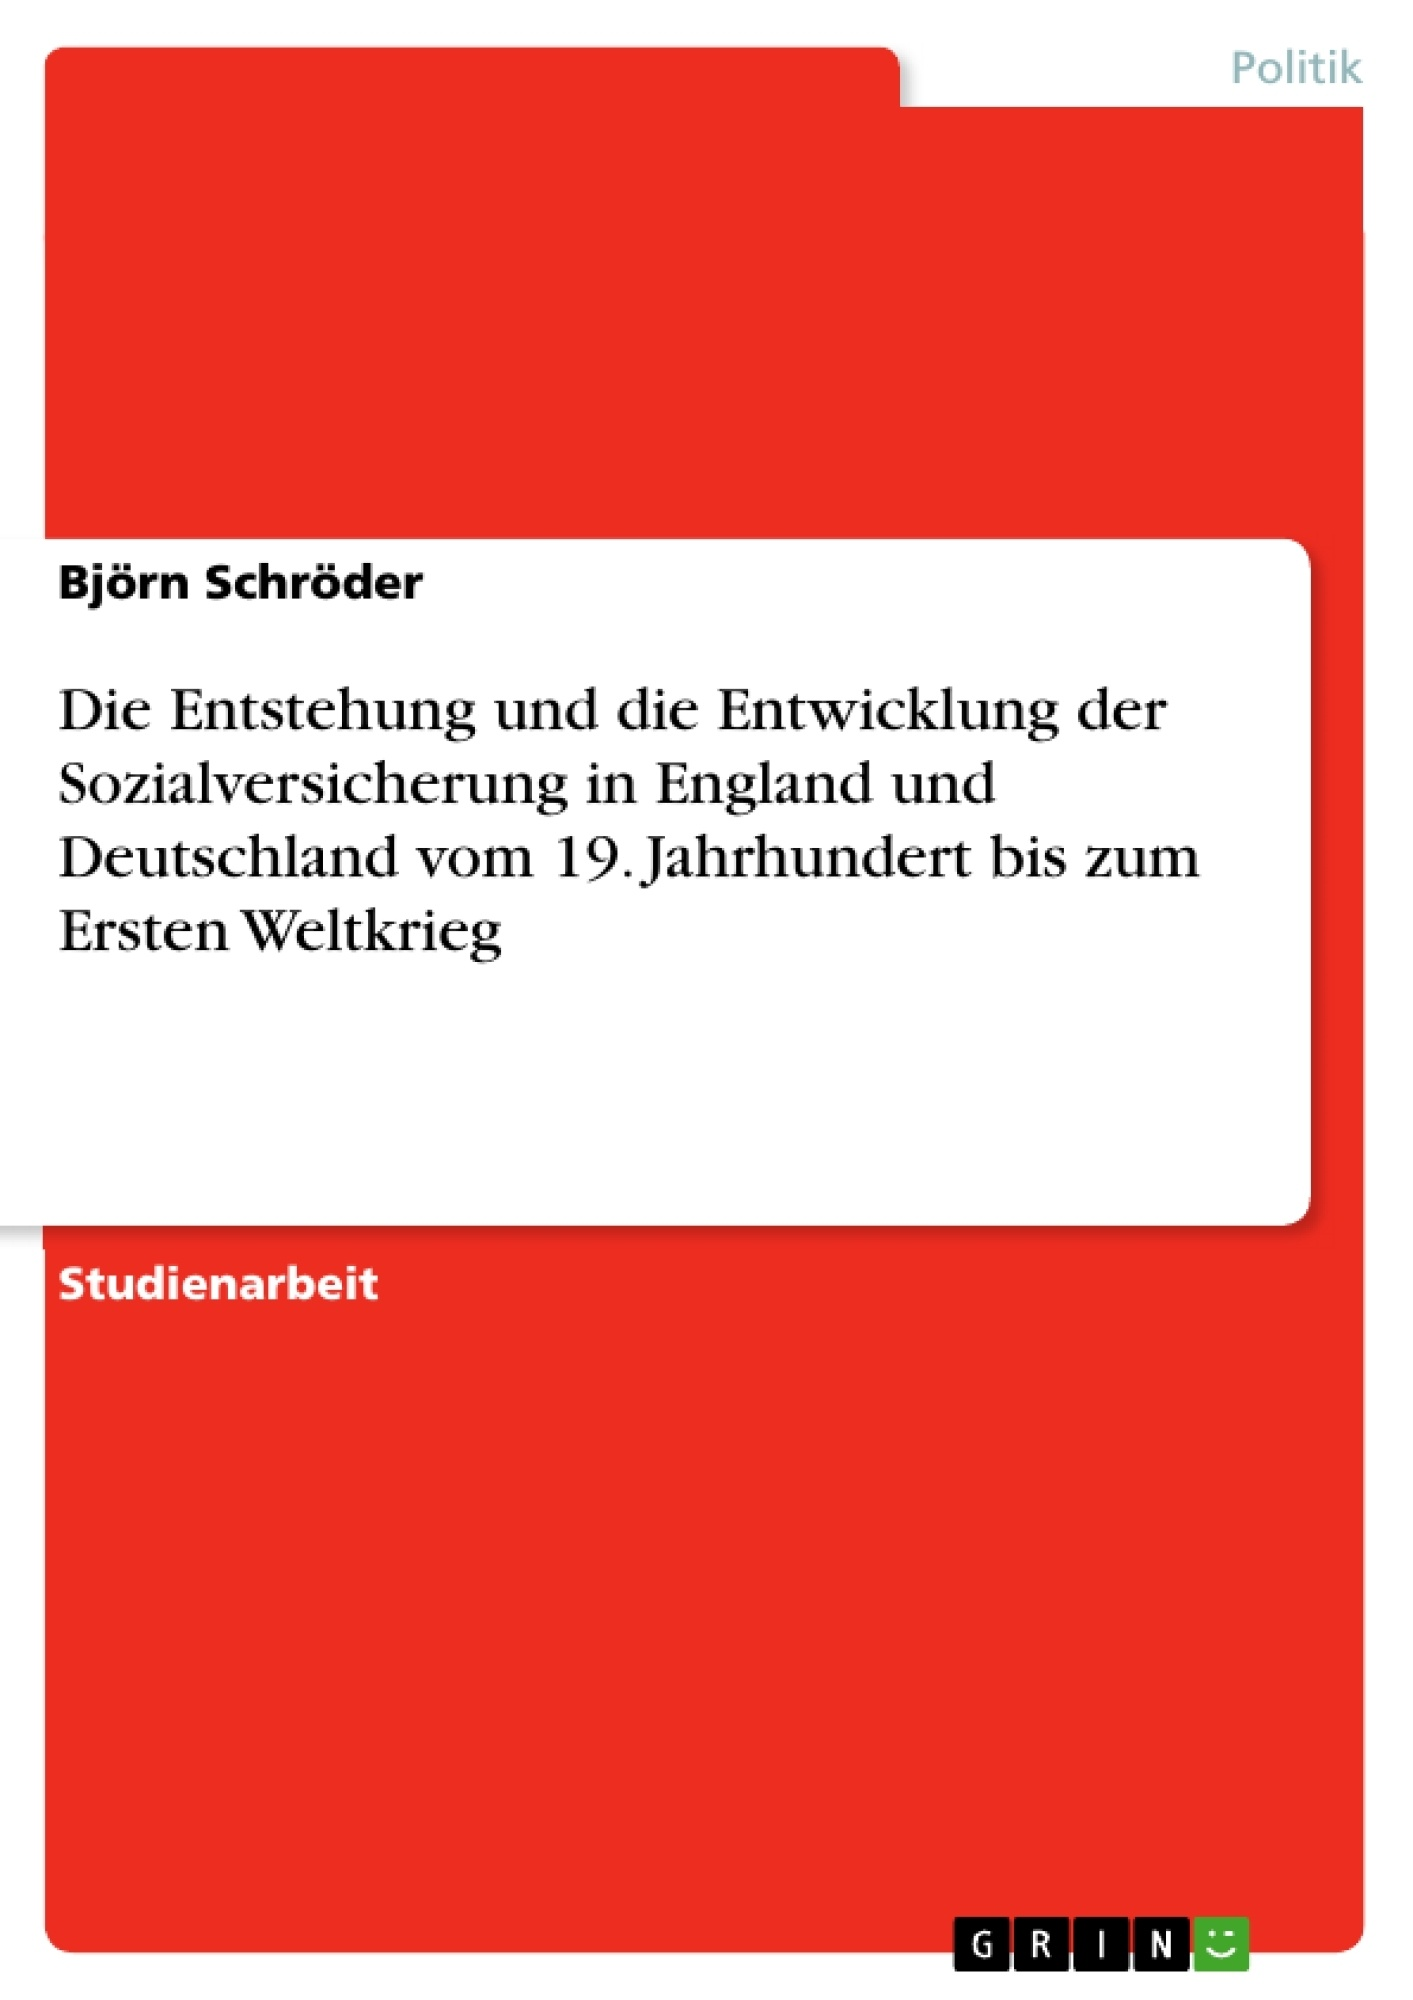 Titel: Die Entstehung und die Entwicklung der Sozialversicherung in England und Deutschland vom 19. Jahrhundert bis zum Ersten Weltkrieg